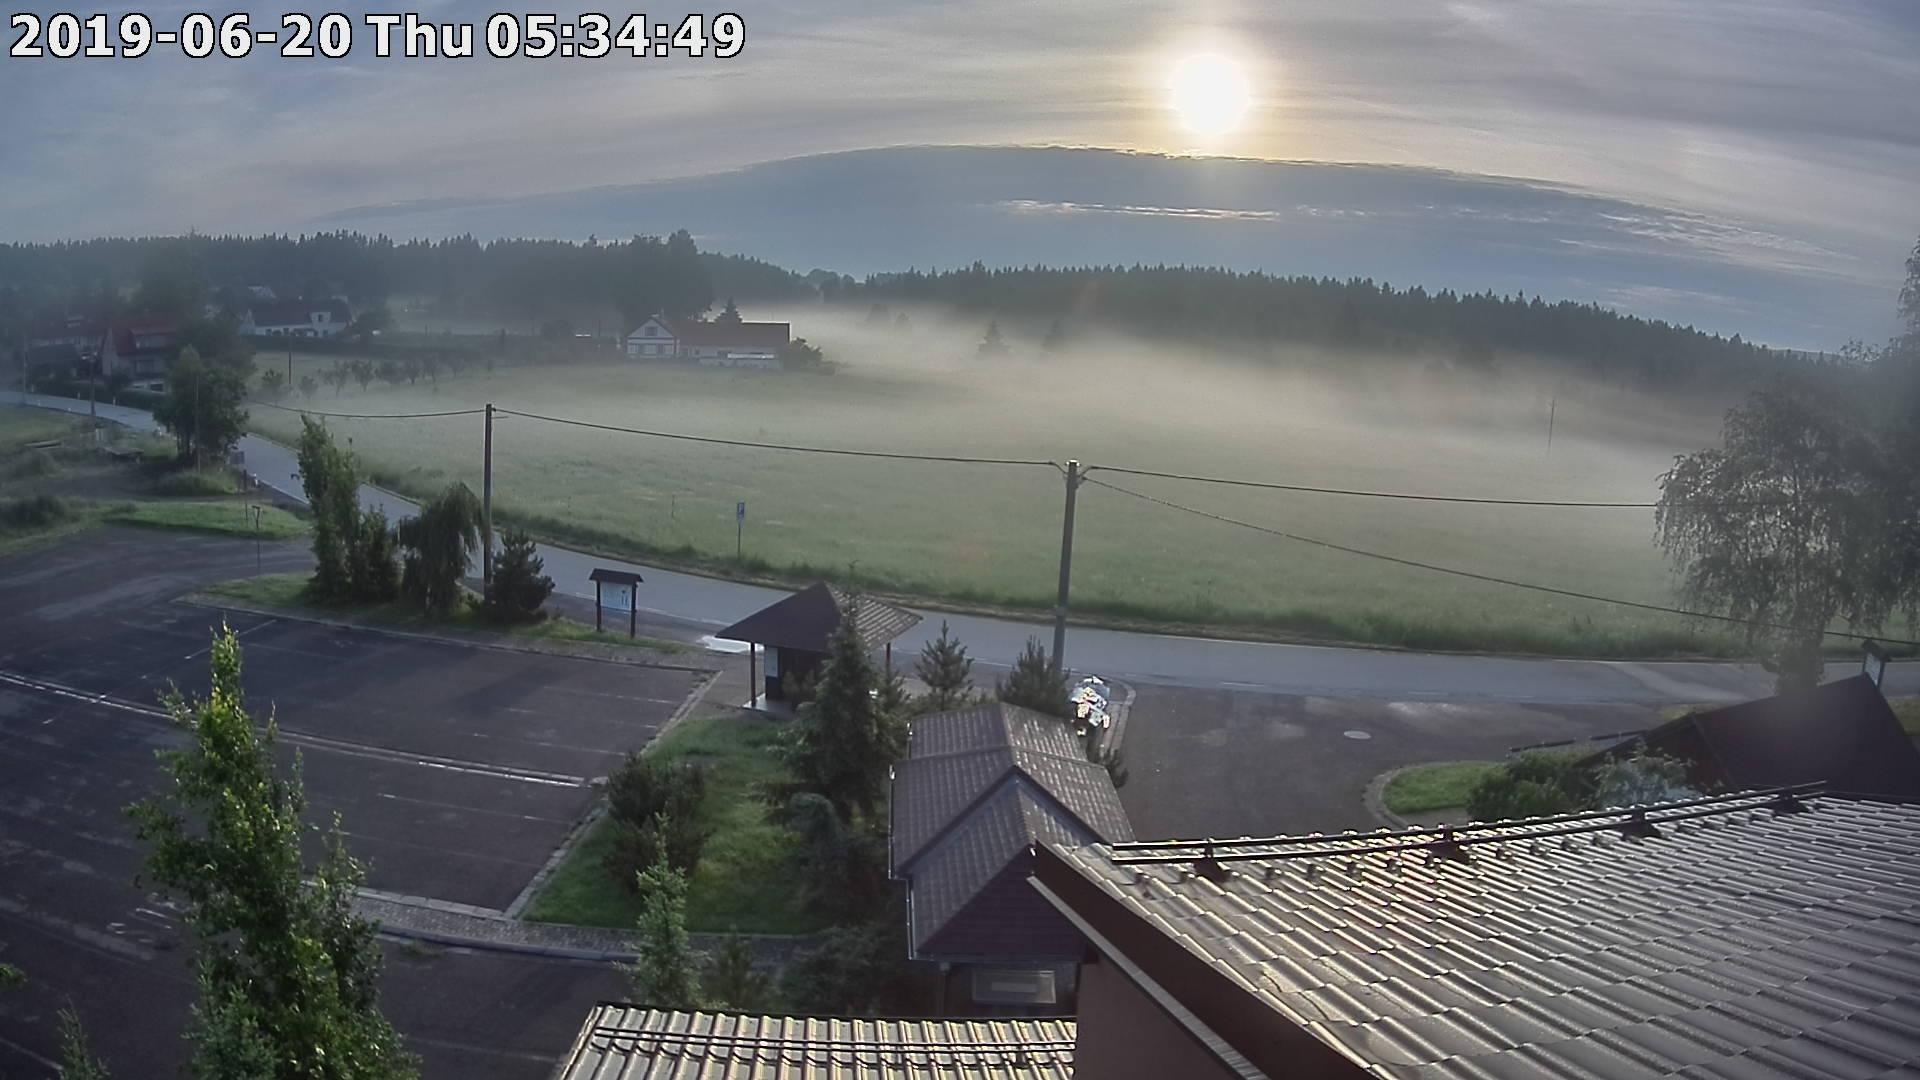 Webkamera ze dne 2019-06-20